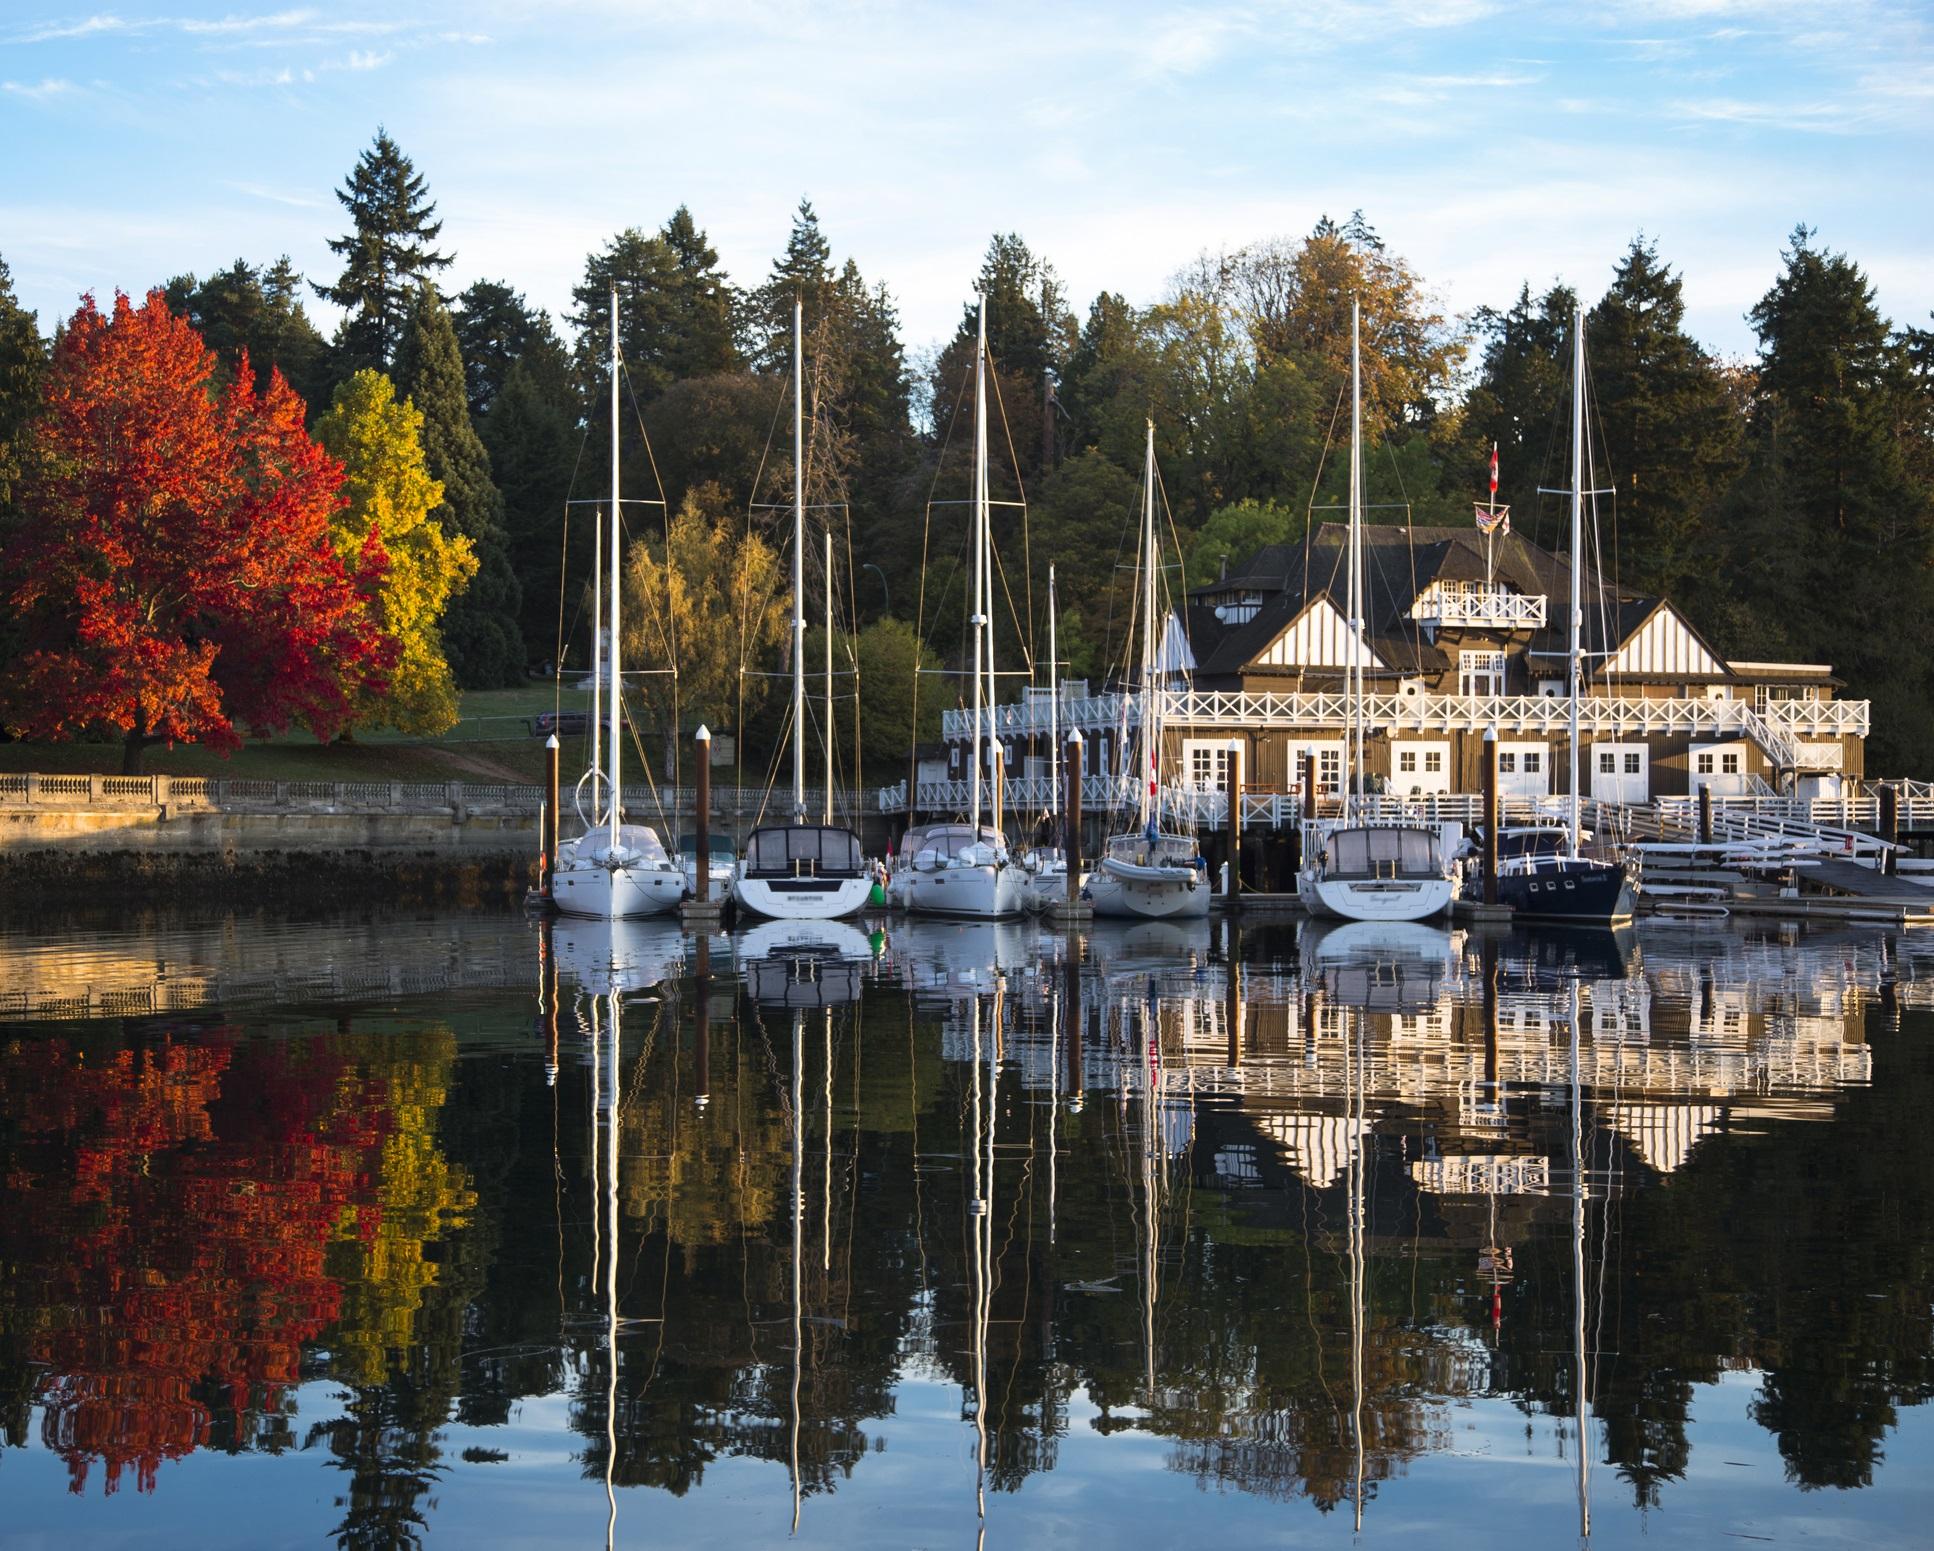 Стенли парк, Ванкувър, Канада<br /> <br /> Малко градски паркове могат да съчетаят в себе си дивата гора и лекото очарование, както Стенли парк във Ванкувър. Велосипедните алеи, които го опасват, са една от възможностите за връщане към природата без да се налага да напускате най-хубавия метрополис в Канада. Великолепните гледки, в които има всичко от плаж до планини, определено ще ви накарат да се откъснете от ежедневието.